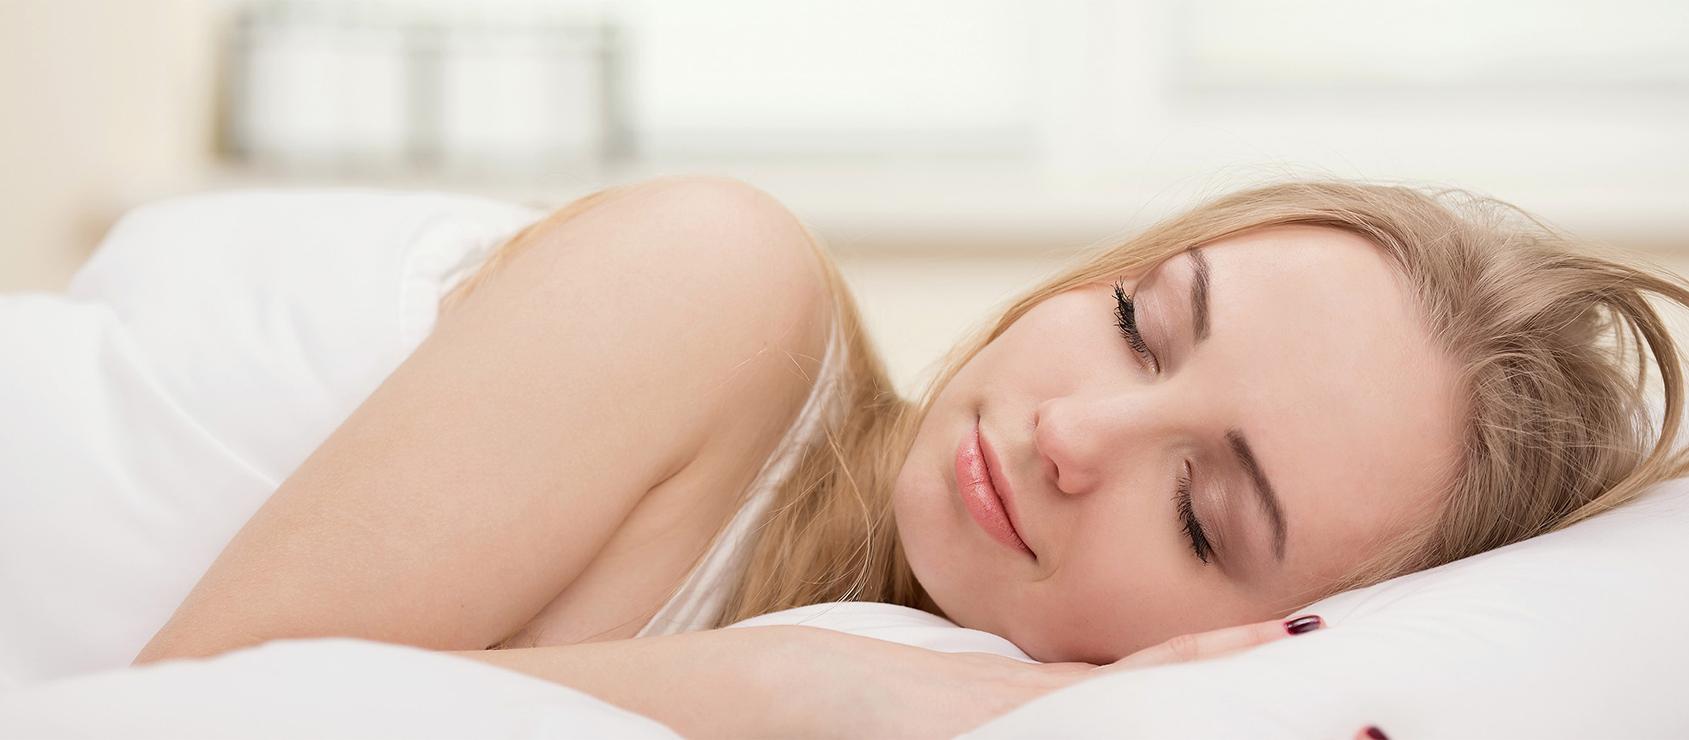 Хороший ночной сон помогает нам принять мир